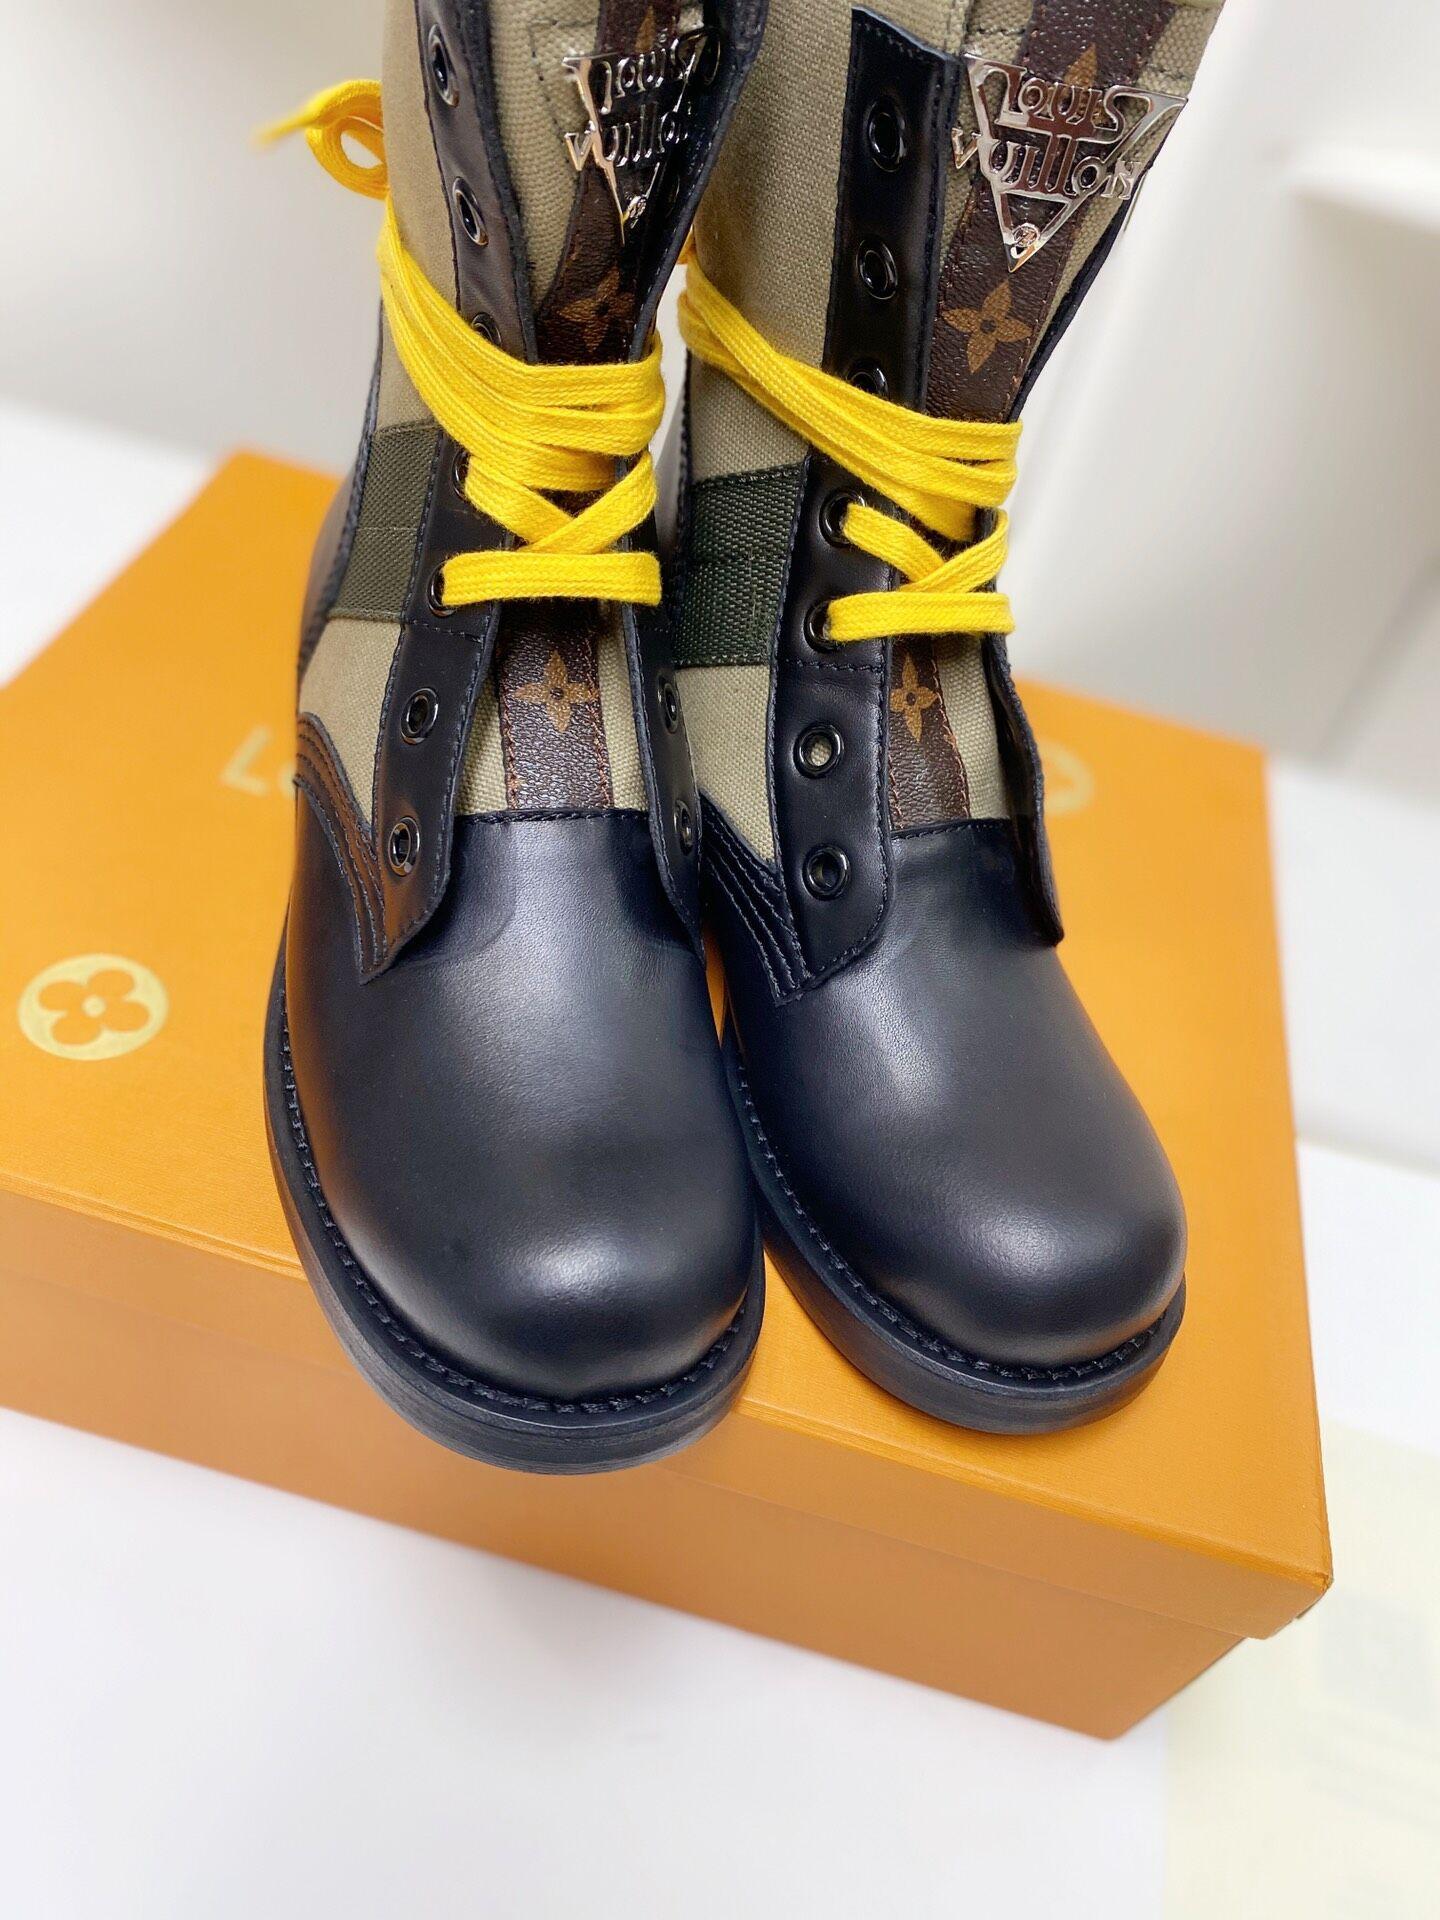 metropolis flat ranger Khaki 1A679B    boot    lady shoes    women boot  11